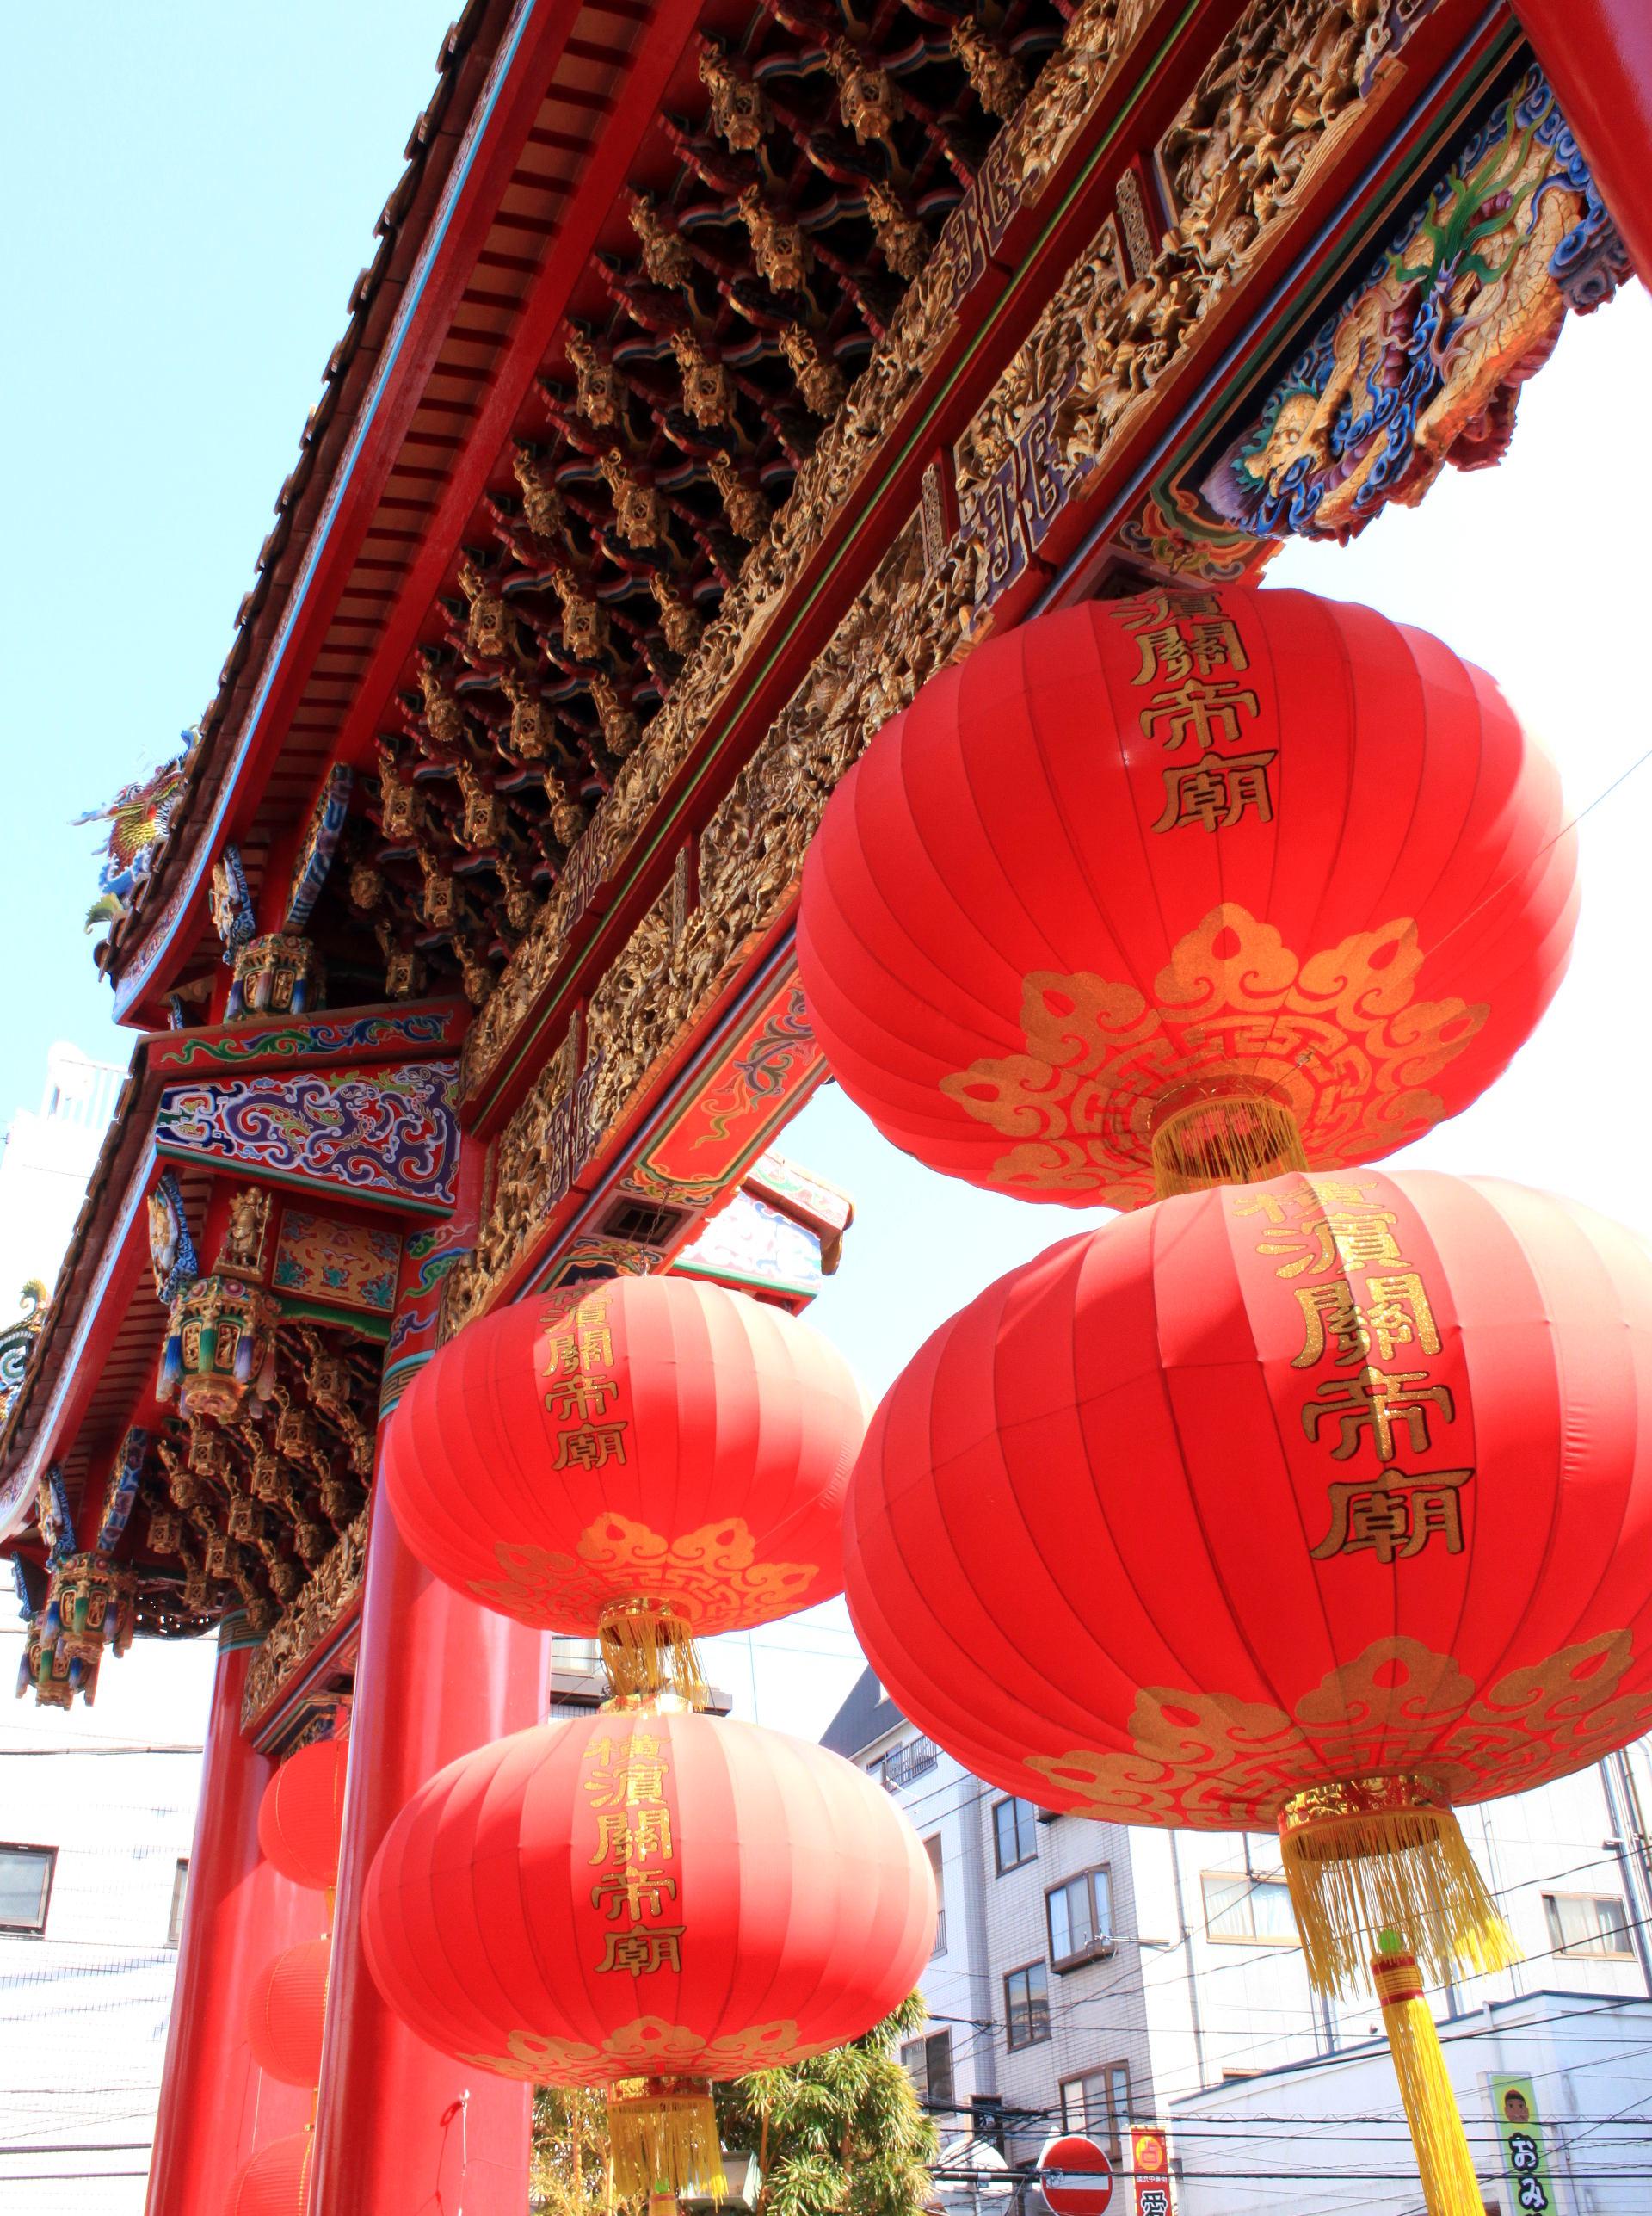 yokohama świątynia chinatown chinska dzielnica iglawpodrozy